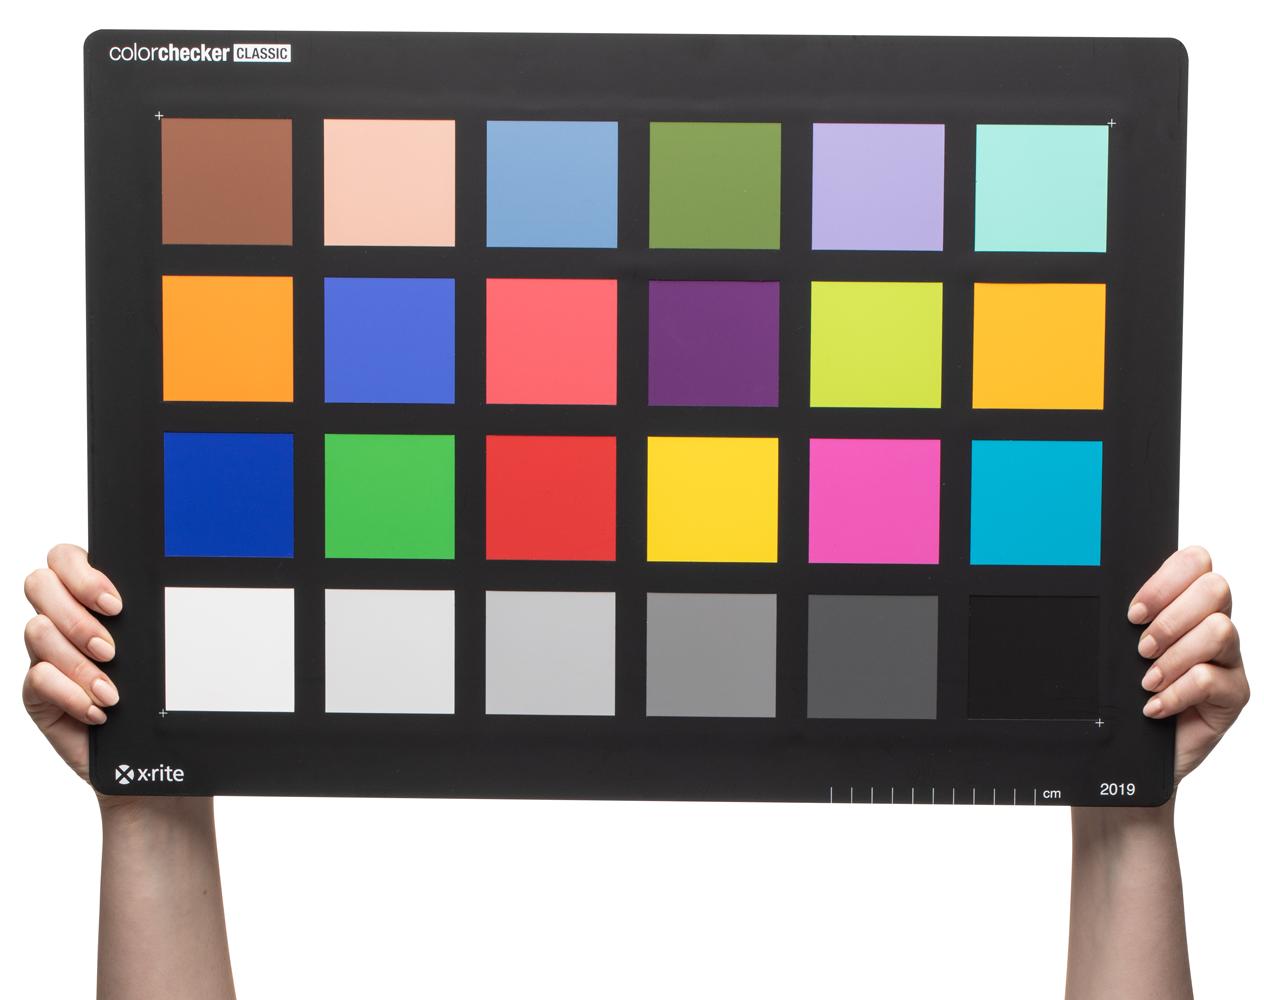 030-ColorChecker-Classic-XL